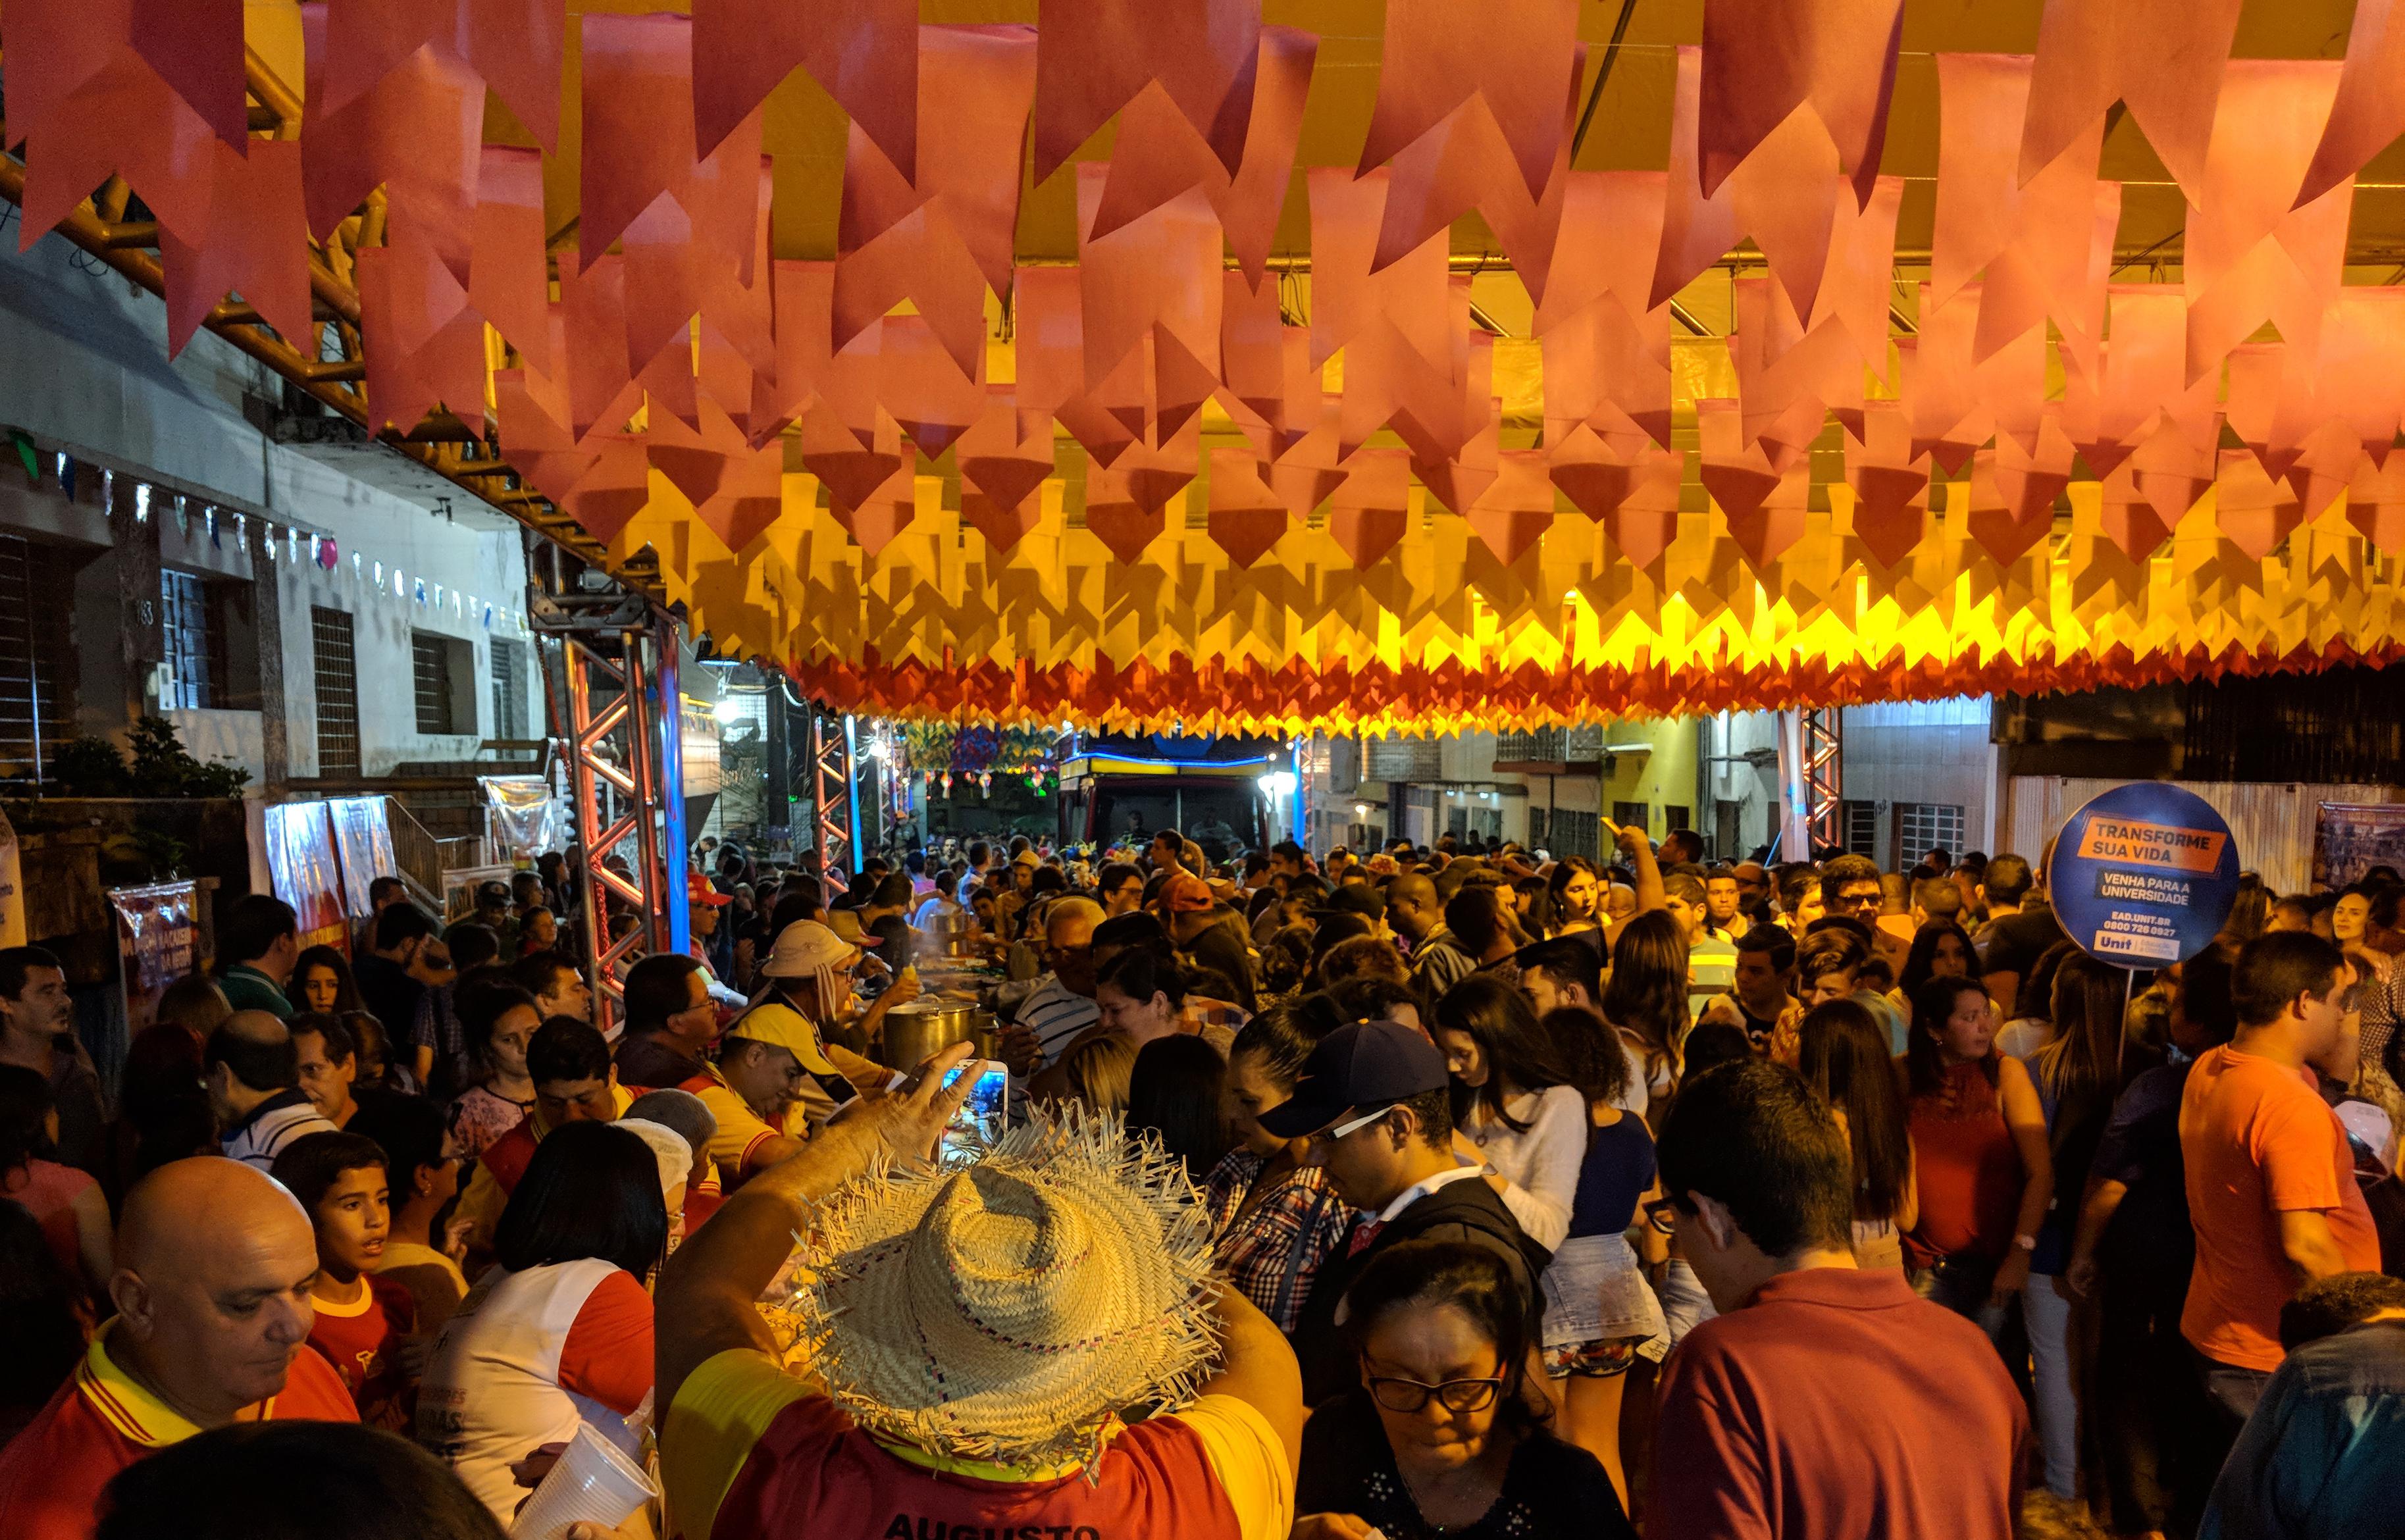 Festejos juninos vão impulsionar as vendas no mês de junho, inclusive no interior do estado. Foto: Lula Portela/Divulgação.